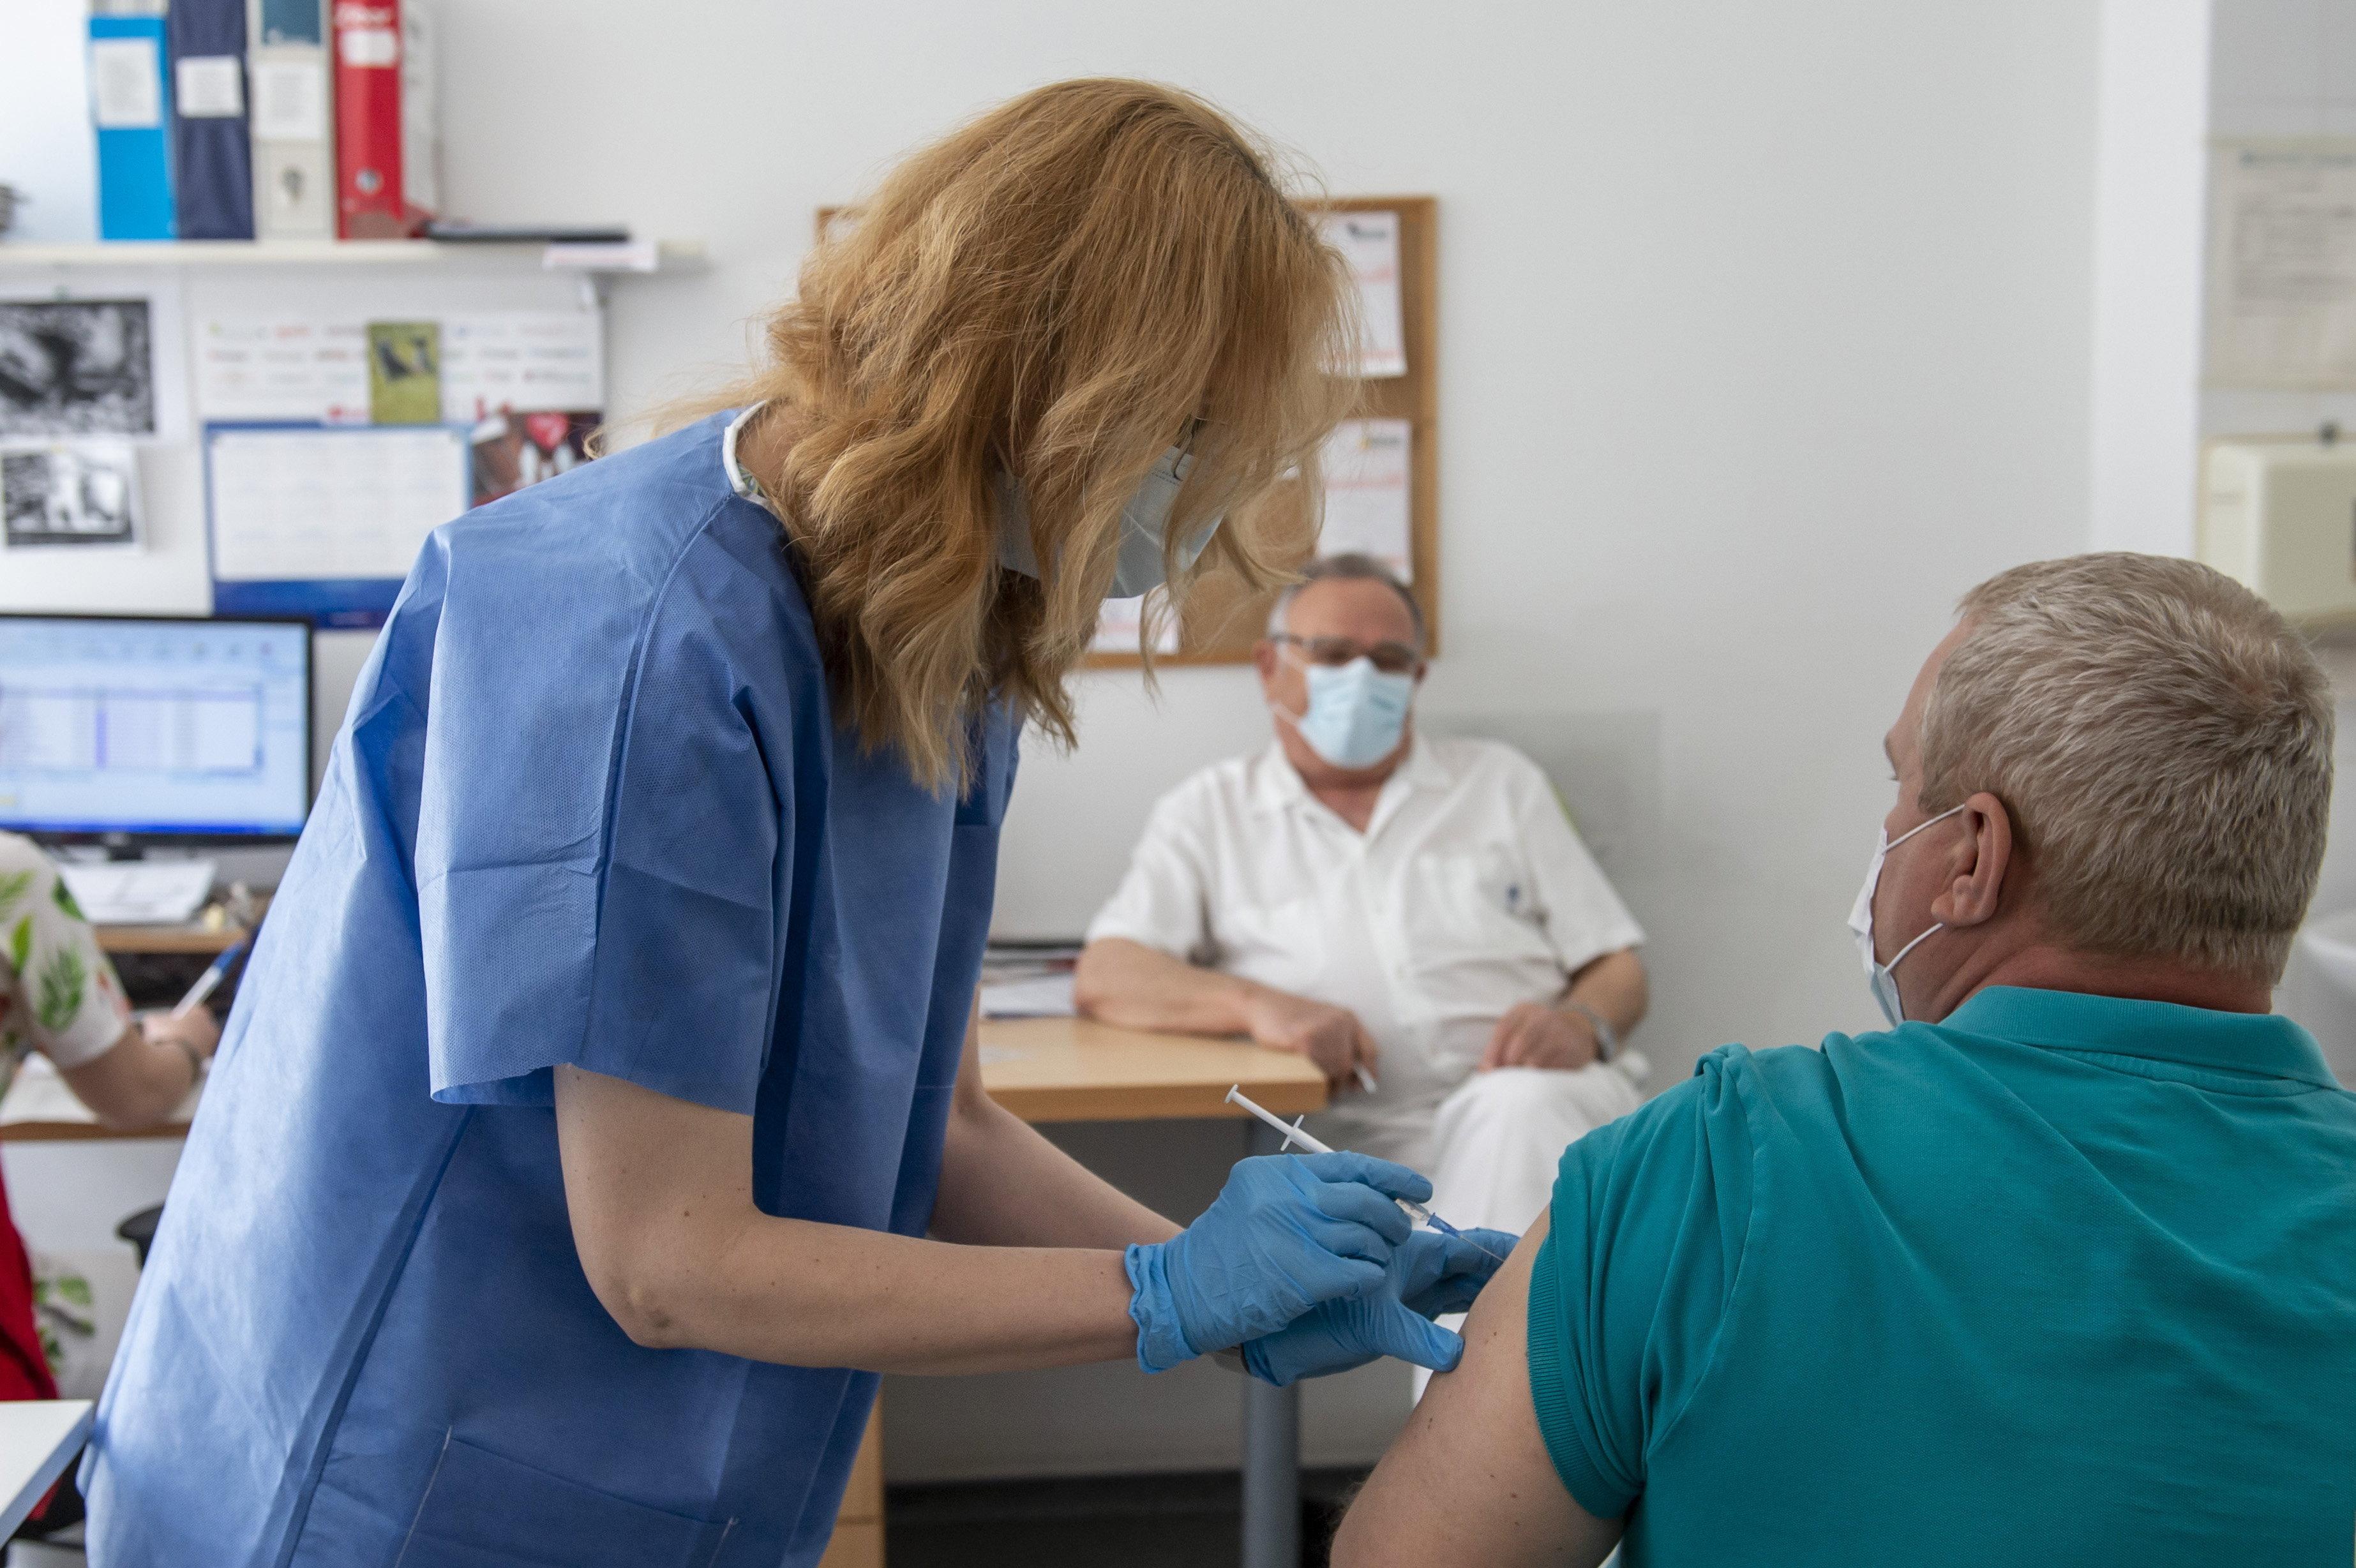 Továbbra sincs változás a járványügyi adatokban: javuló számok, kevés új beoltott